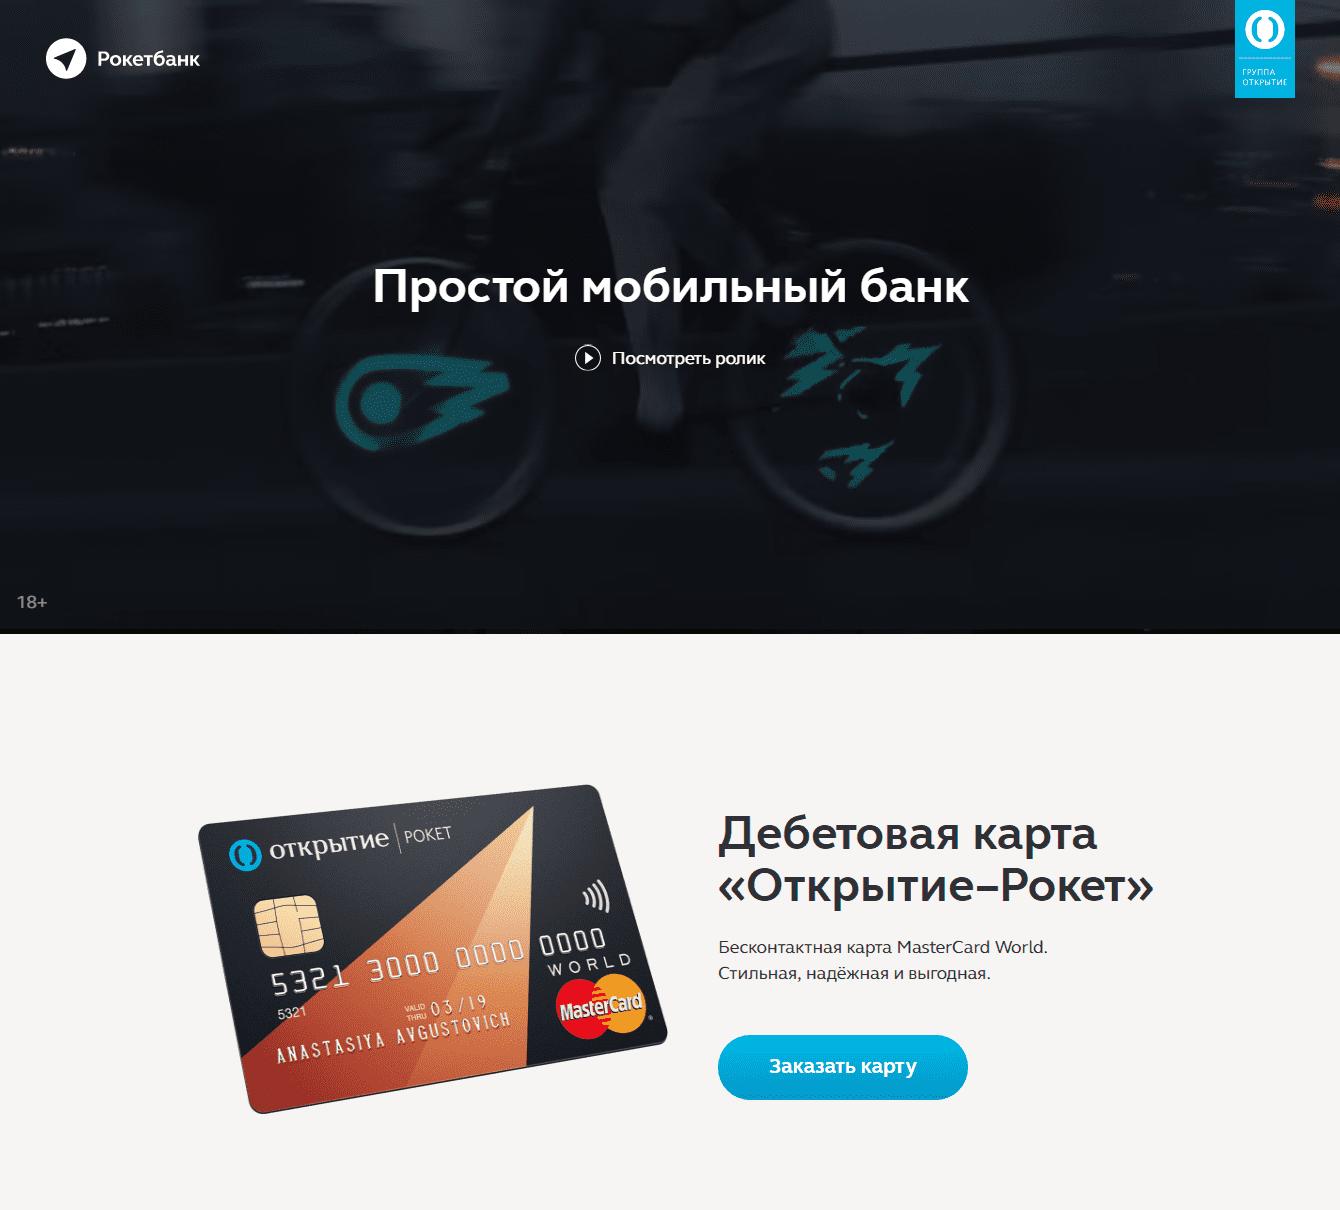 Личный кабинет Рокетбанка: вход и регистрация в интернет-банке, официальный сайт